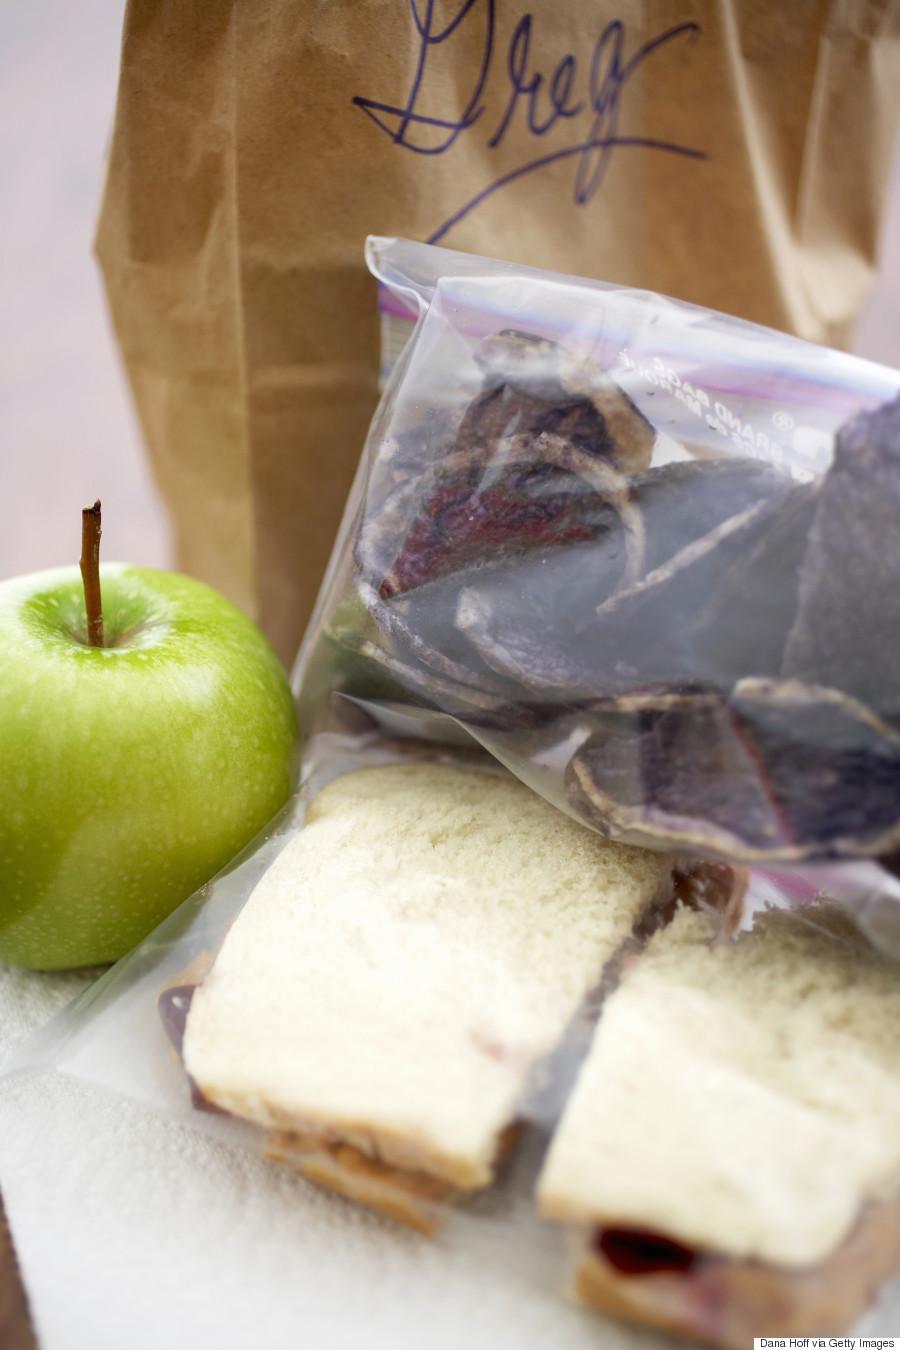 snacks in ziplock bag